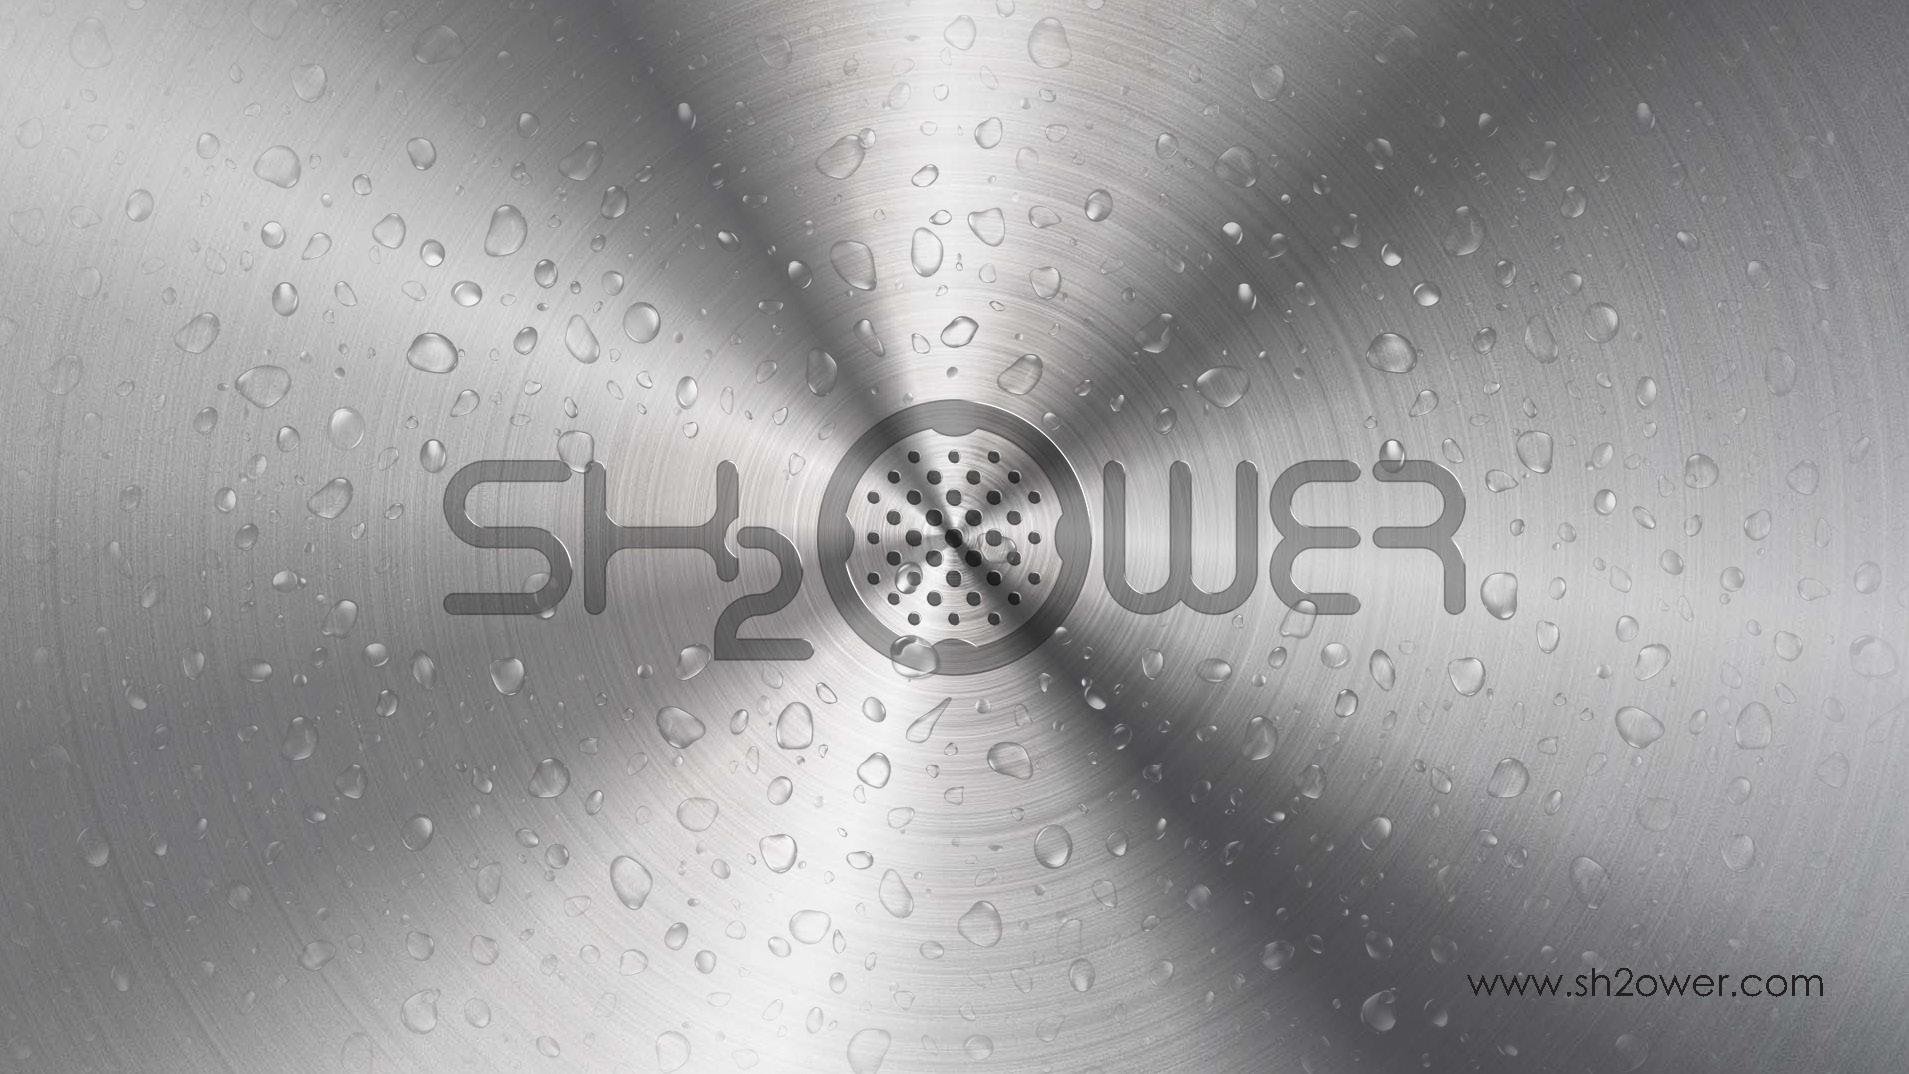 Sh2ower